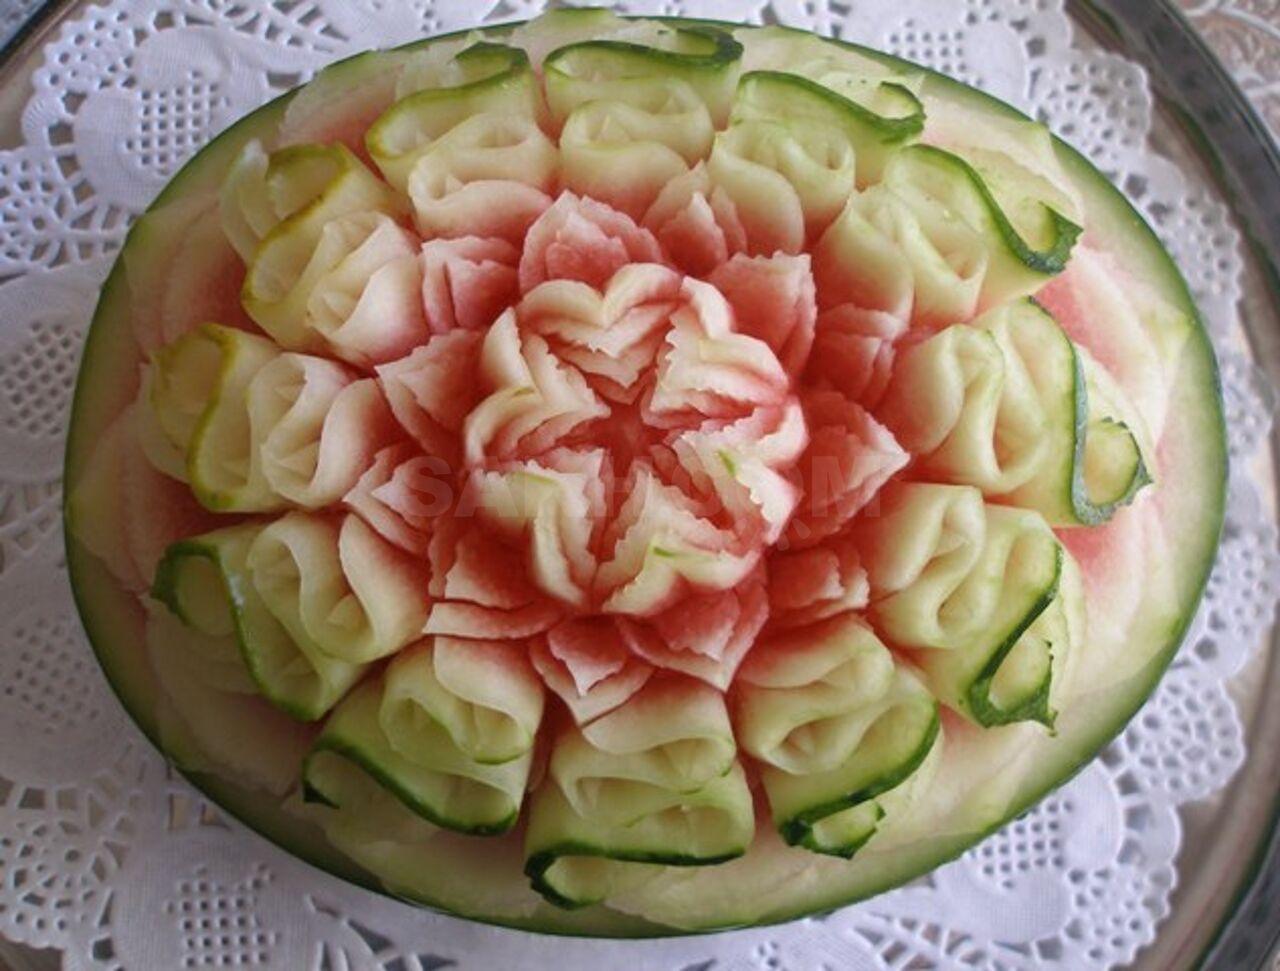 рисунки на арбузах фото